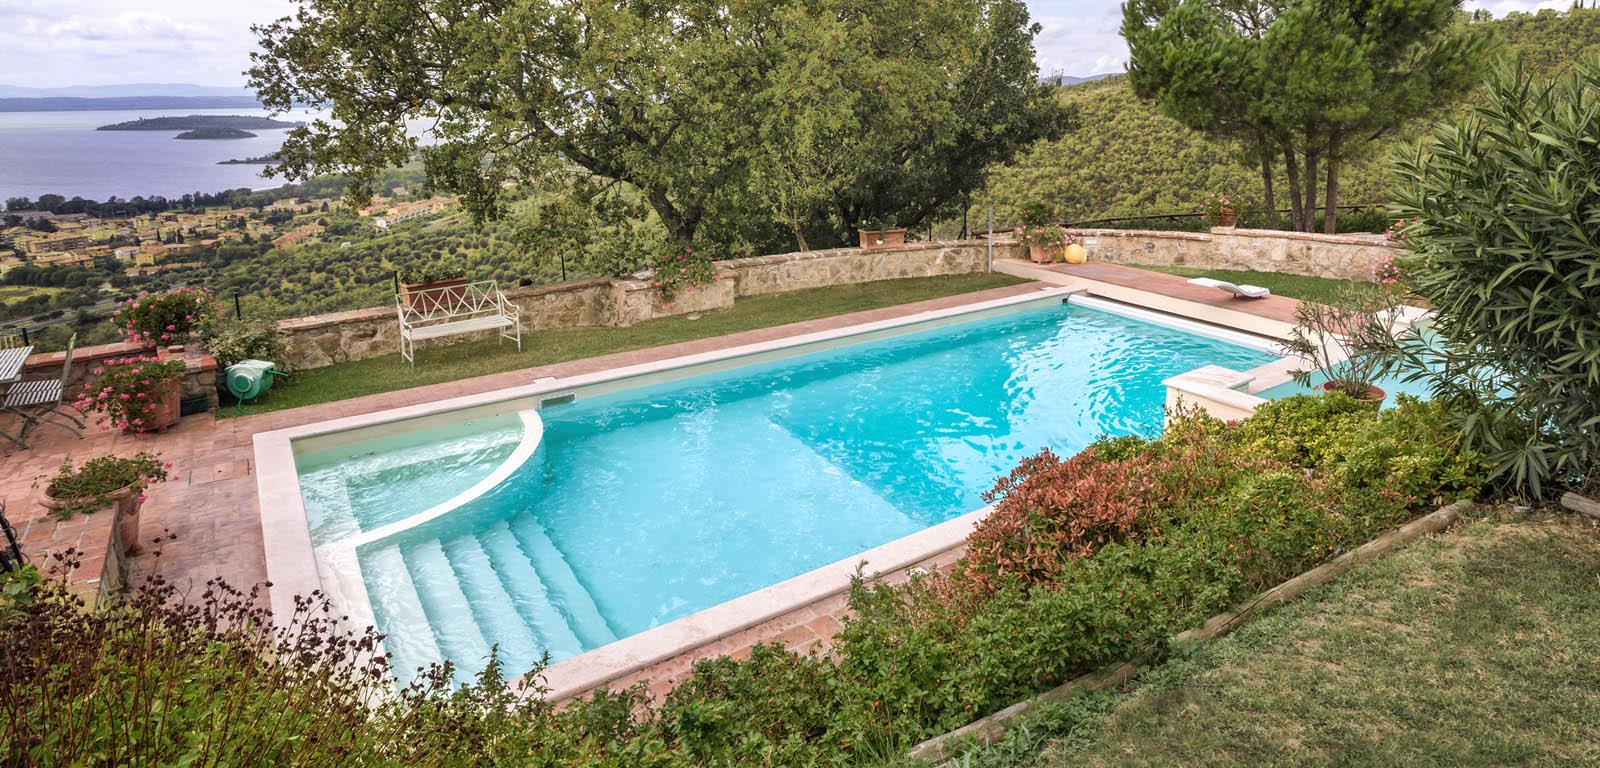 Piscine interrate vantaggi e prezzi piscine castiglione - Piscine seminterrate prezzi ...